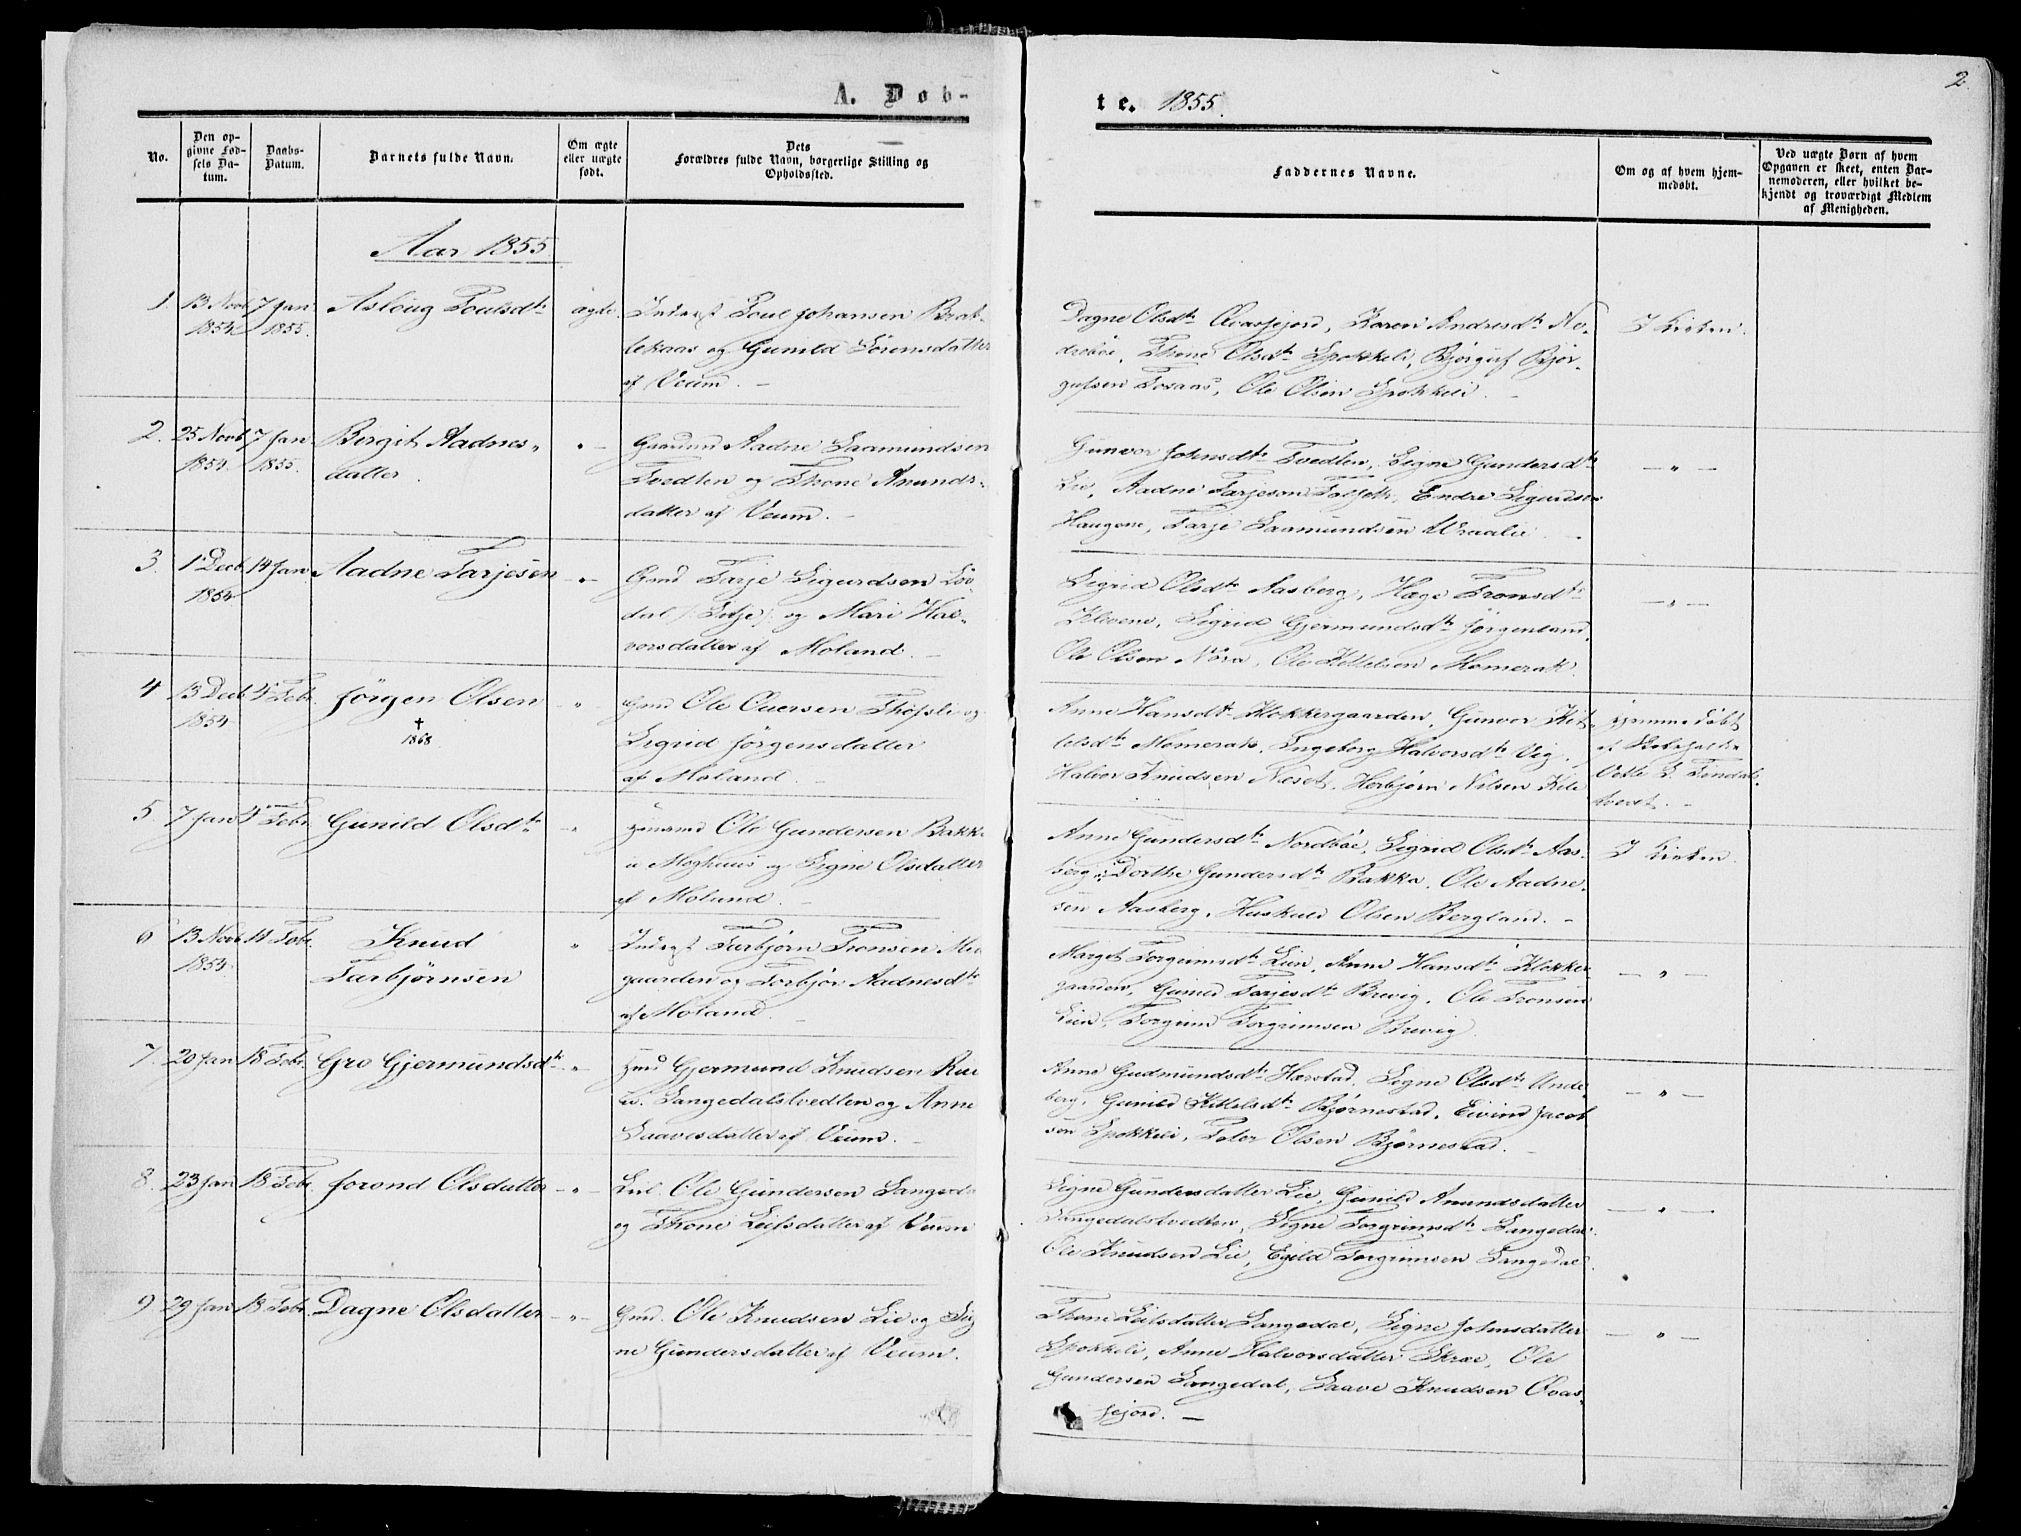 SAKO, Fyresdal kirkebøker, F/Fa/L0005: Ministerialbok nr. I 5, 1855-1871, s. 2